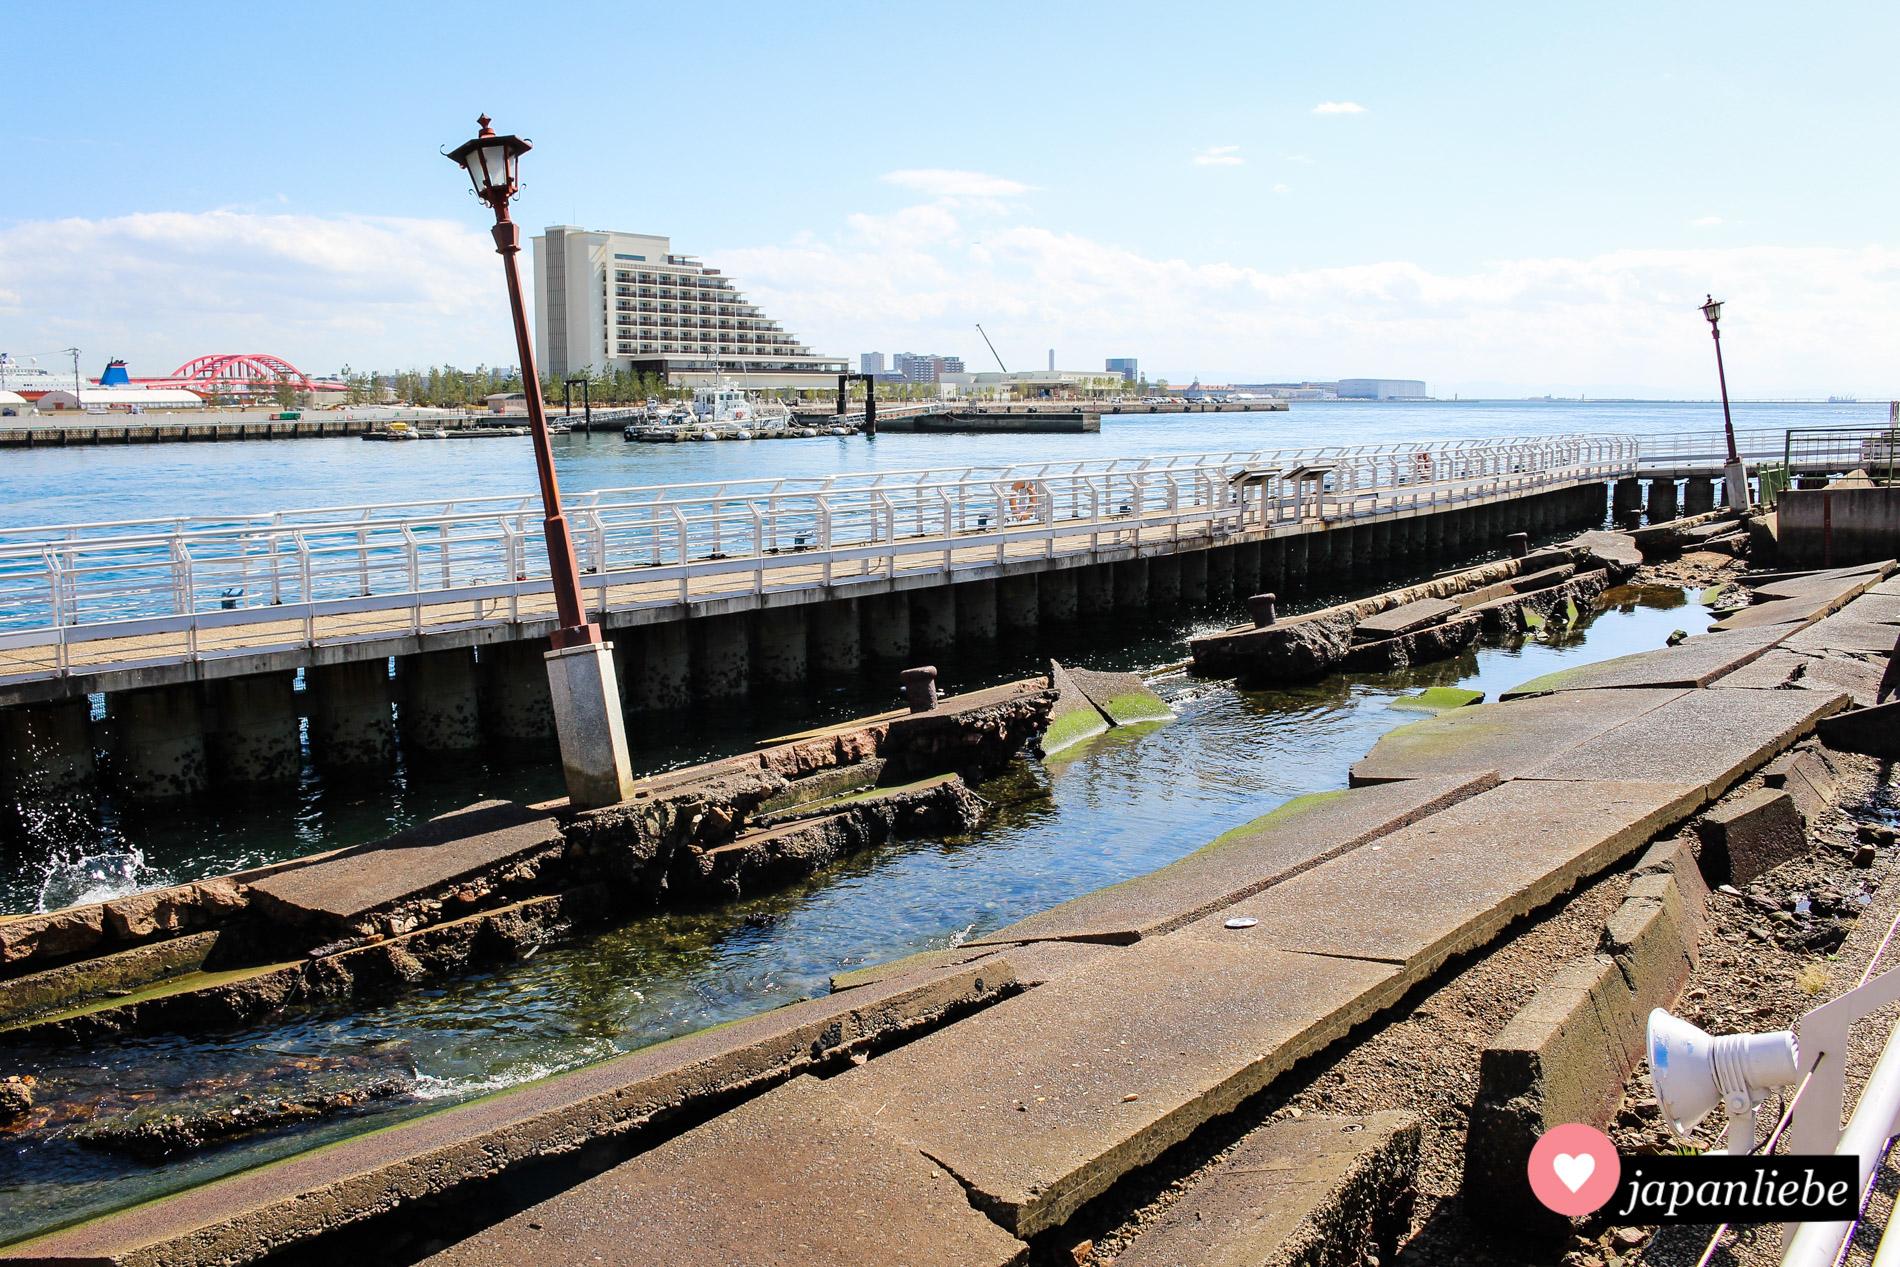 Der Erdbebengedächtnispark am Hafen von Kobe erinnert and ie Zerstörung von 1995.